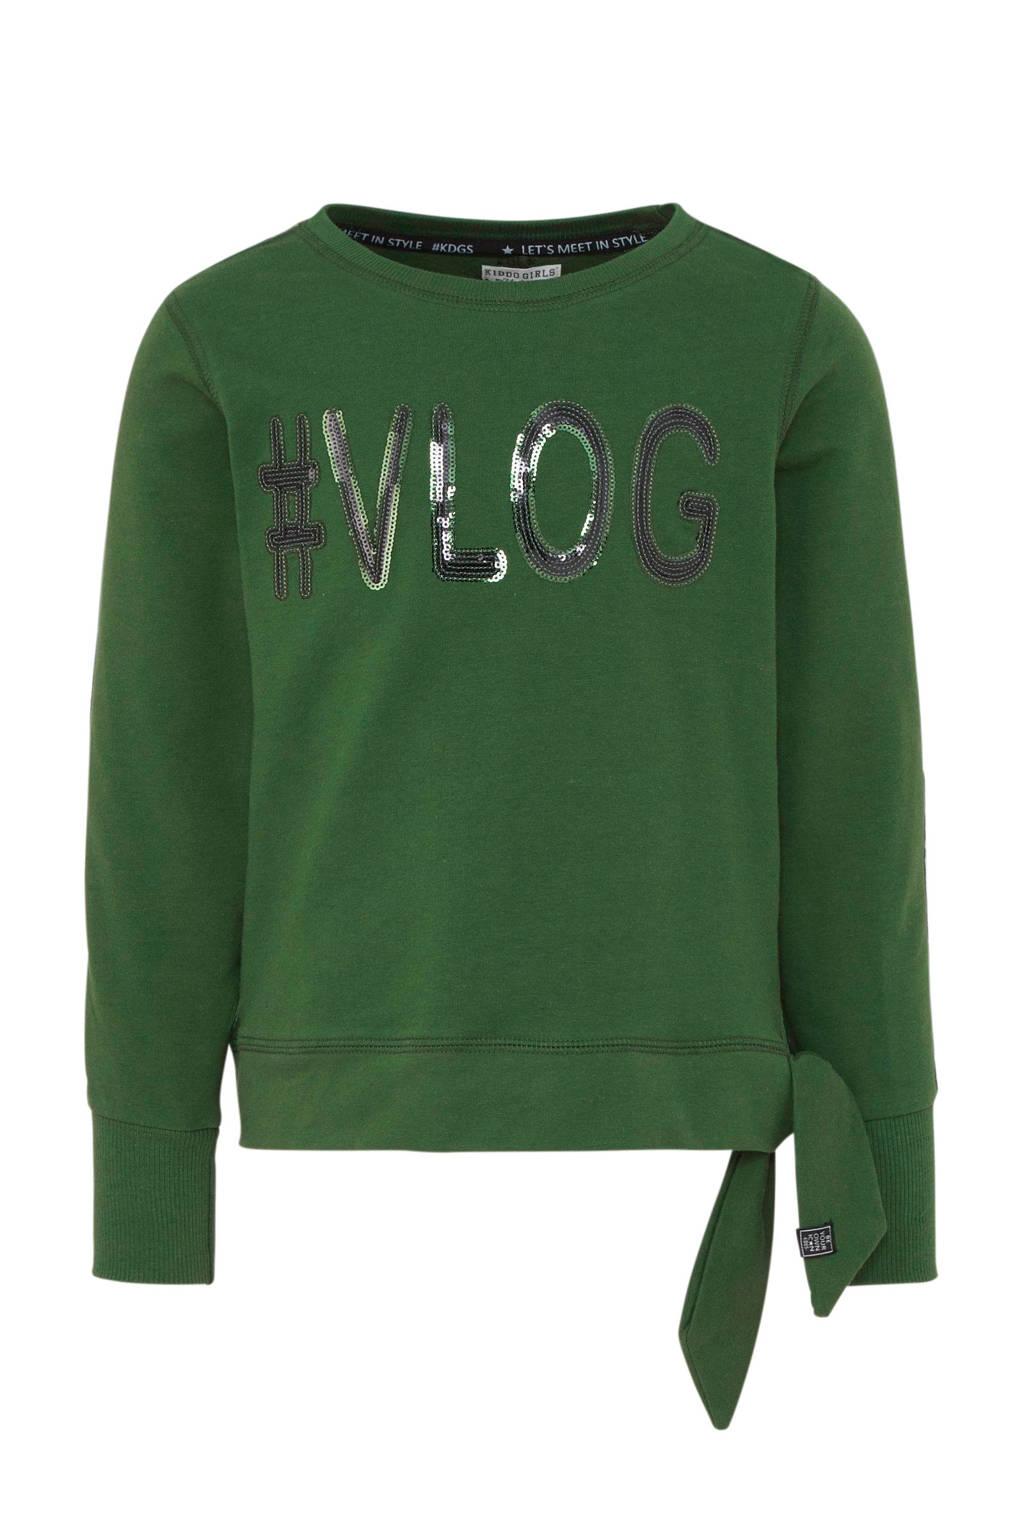 KIDDO sweater met contrastbies en pailletten groen, Groen